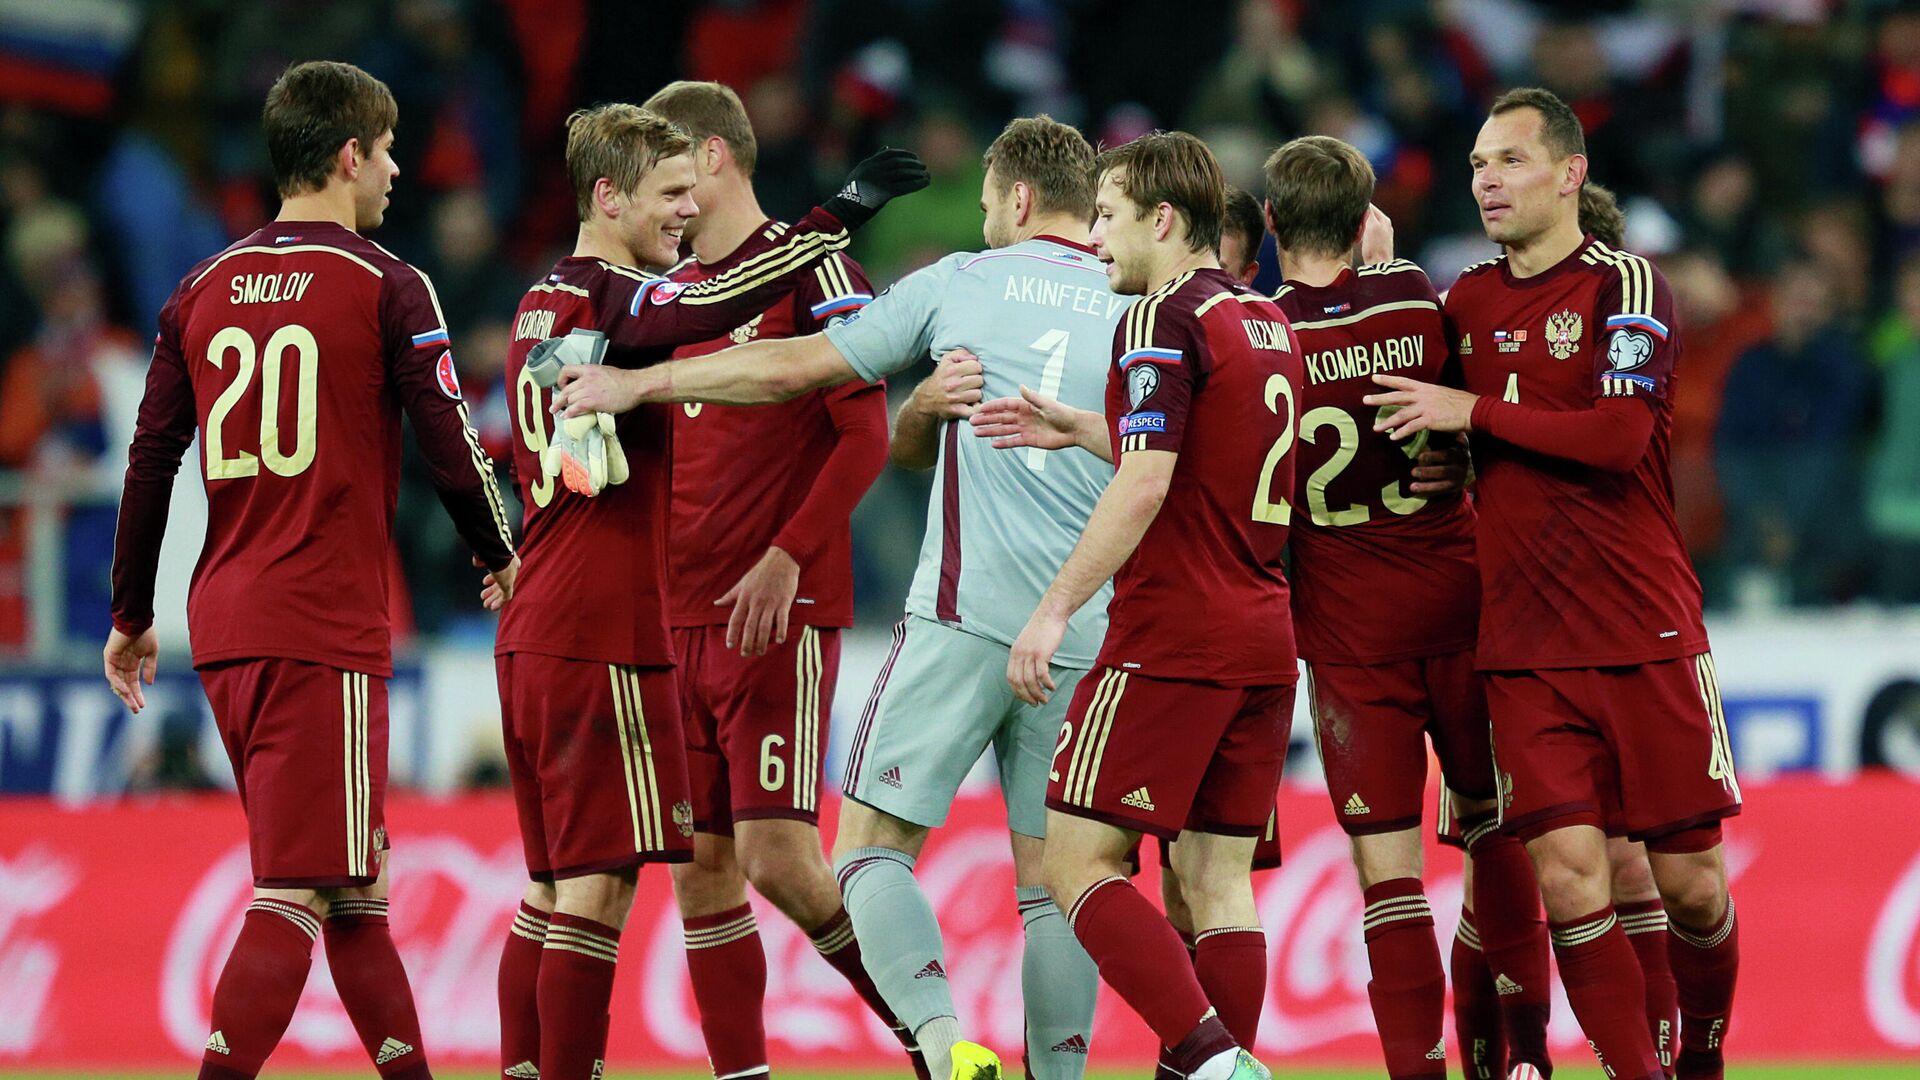 Футболисты сборной России радуются победе над командой Черногории в квалификации ЕВРО-2016 - РИА Новости, 1920, 16.04.2020